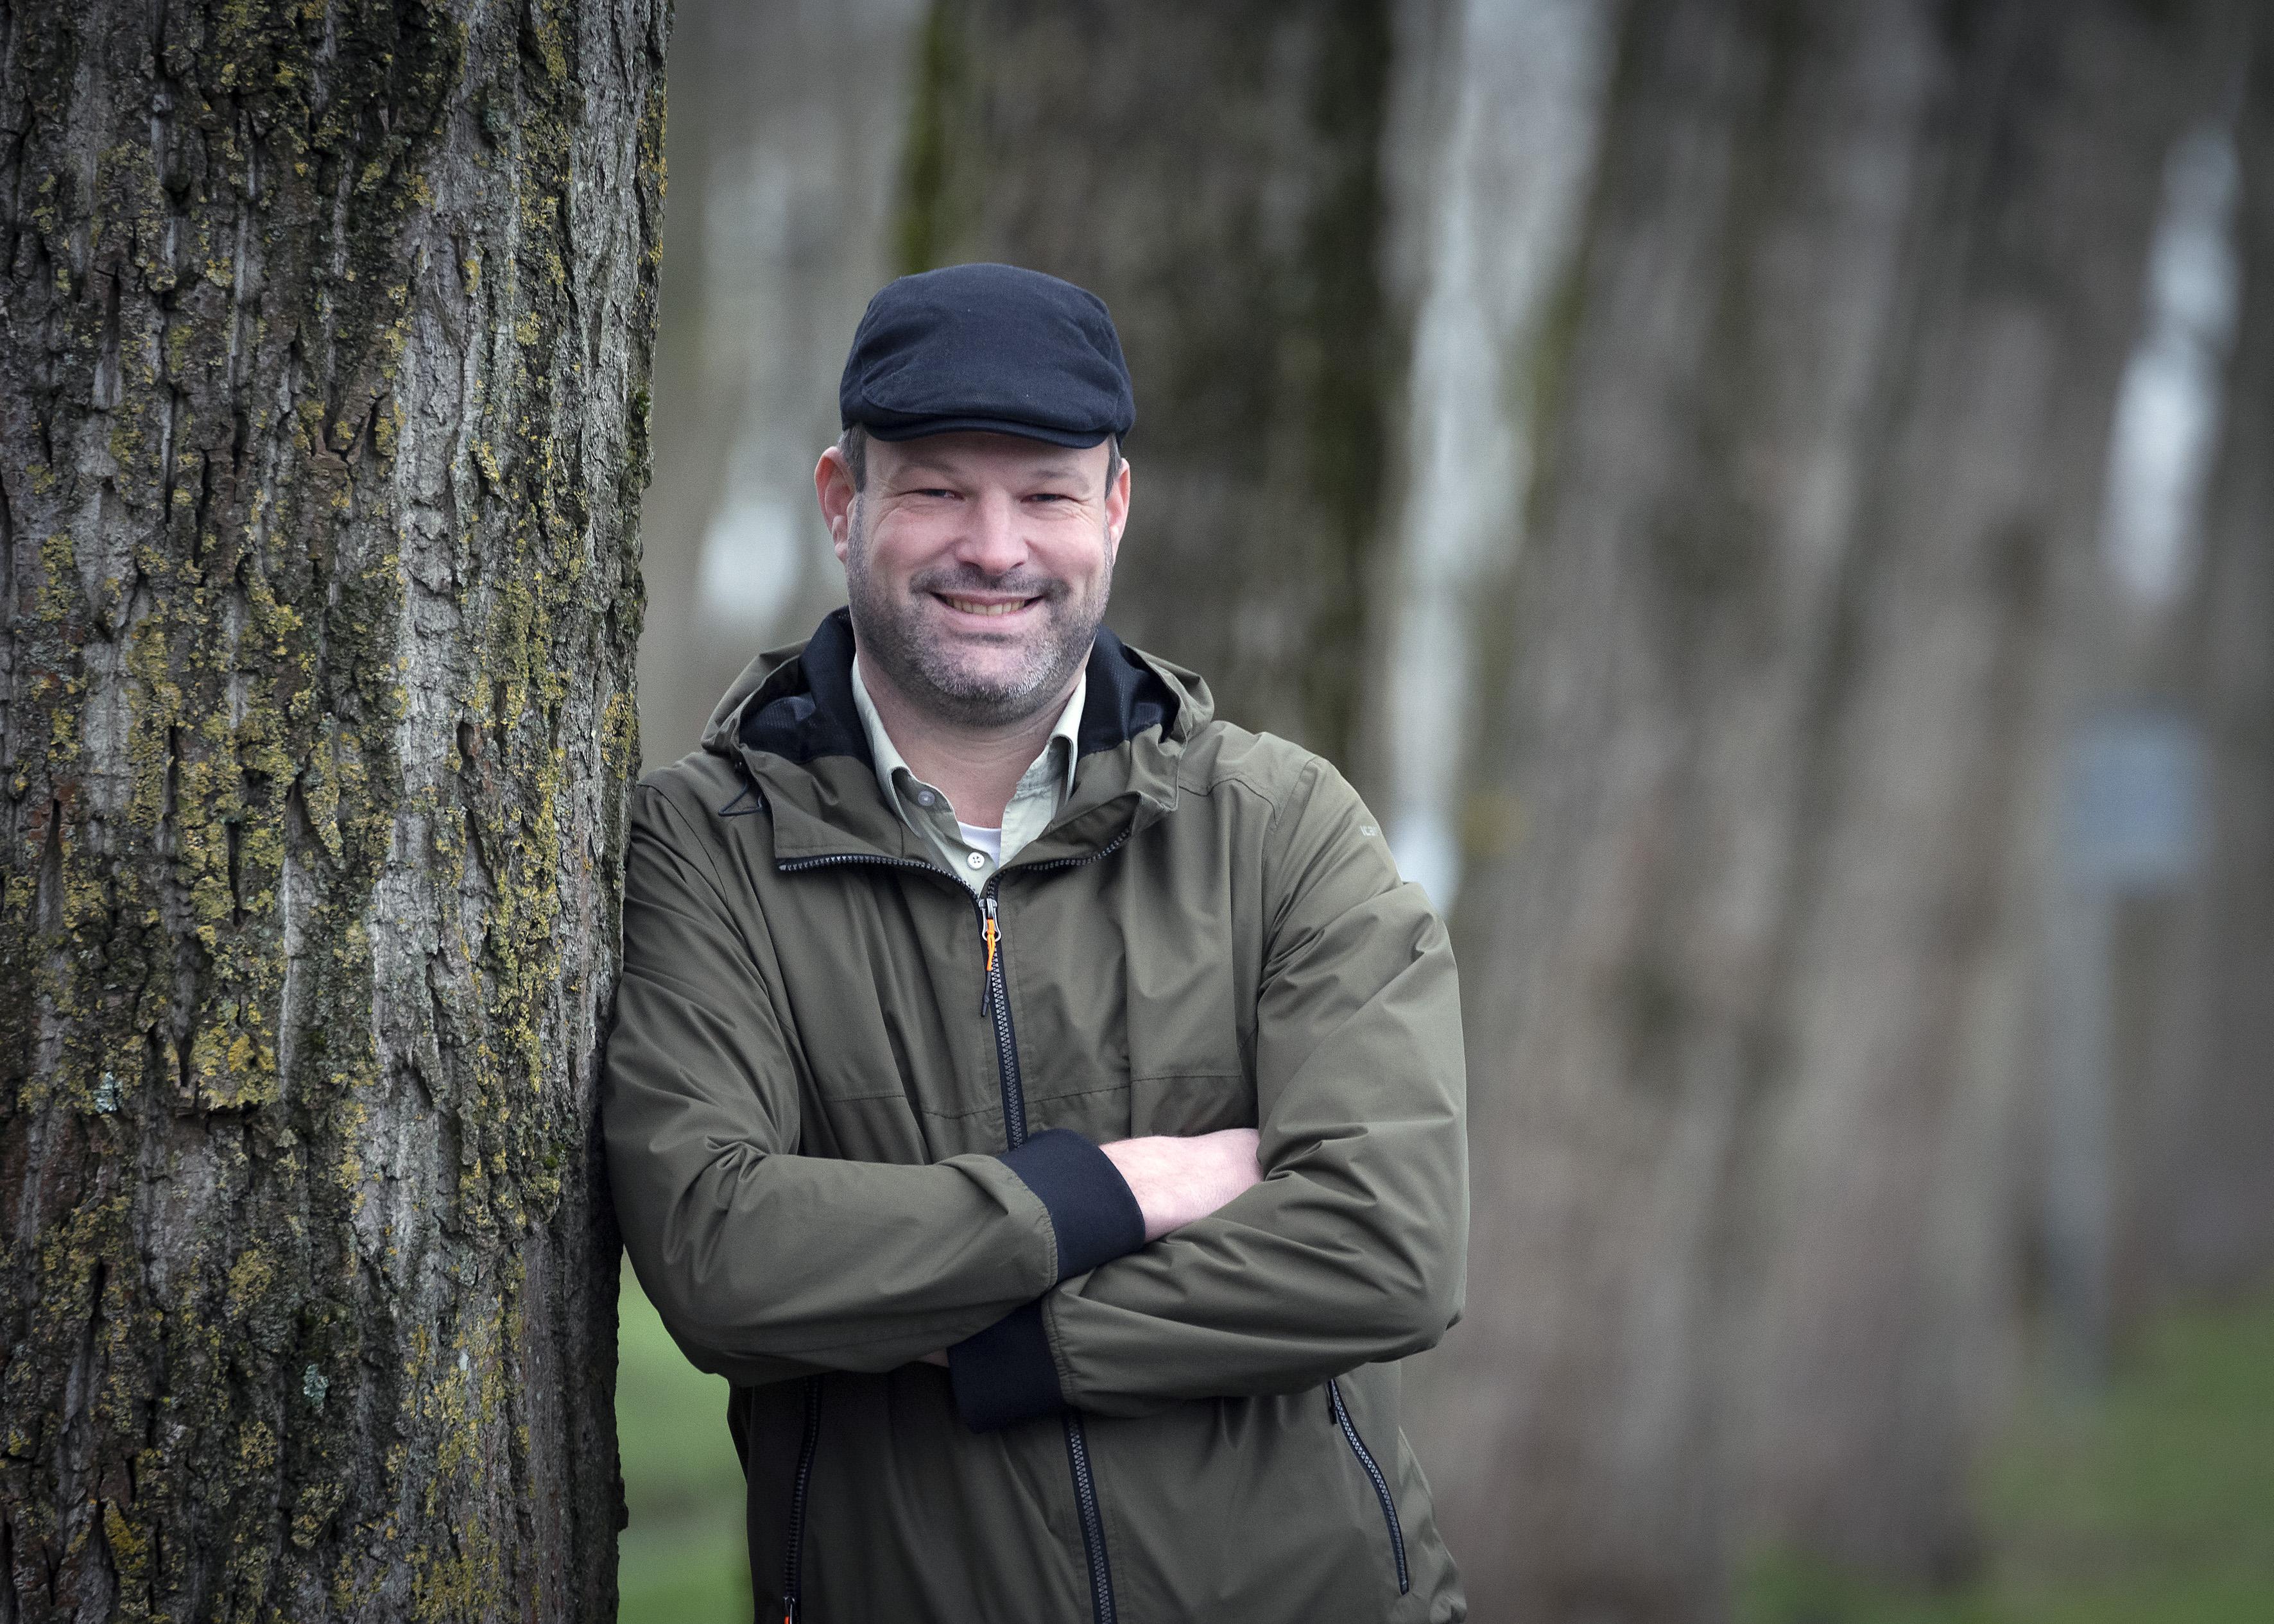 Op Tiktok en Insta heet hij 'boswachter Theo'. Maar het allerliefst haalt Theo Brouwer uit IJmuiden kinderen de echte natuur in. 'Die verwondering op hun gezicht - fantastisch'